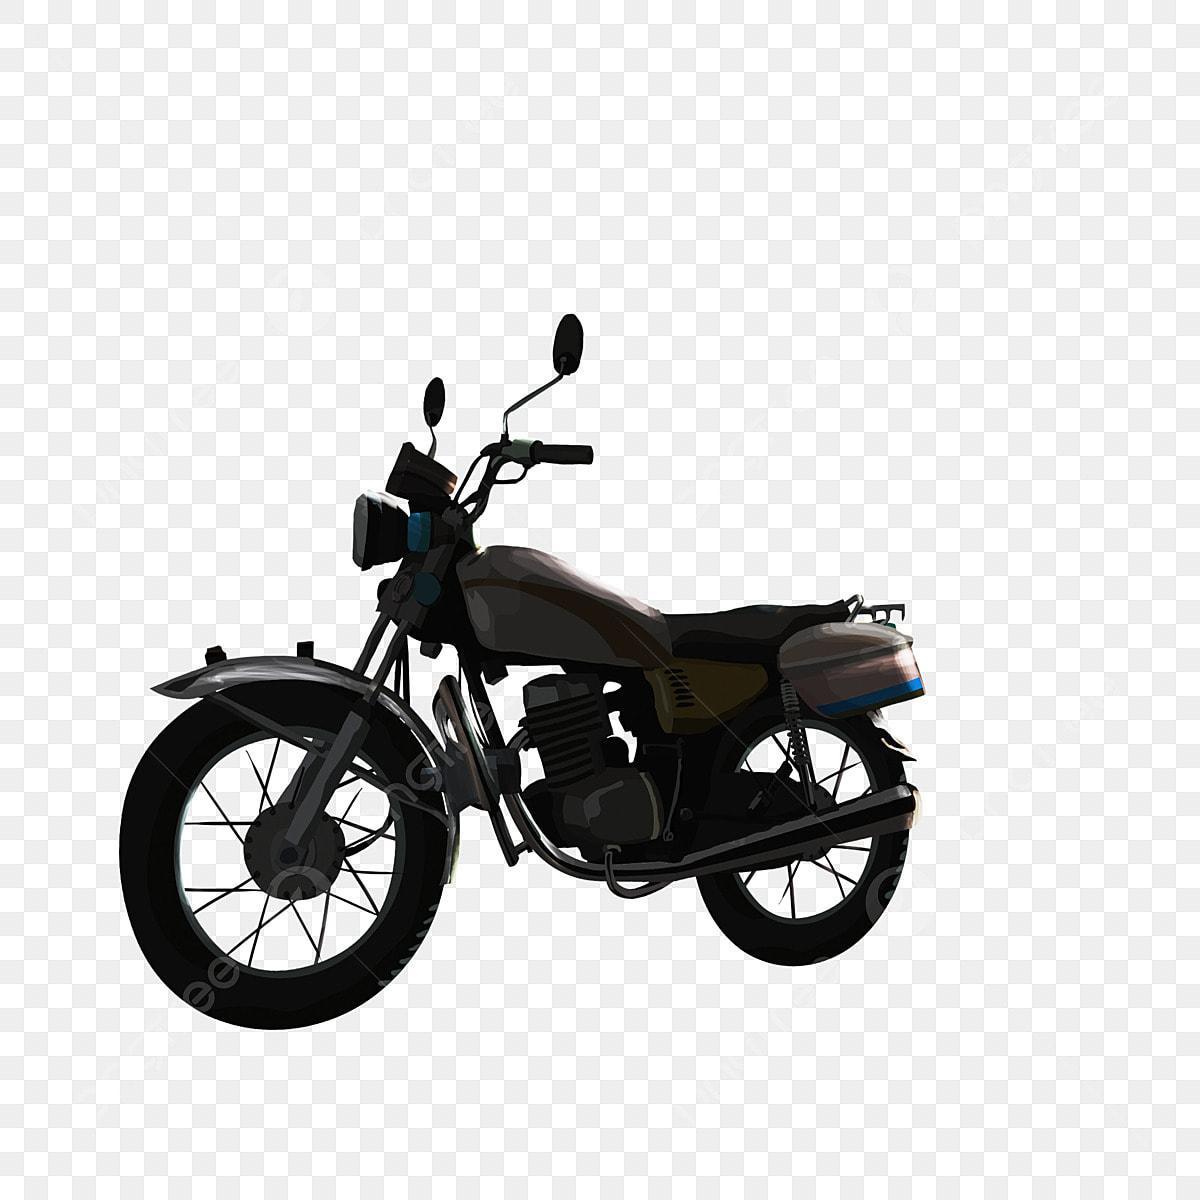 Cartoon Motorcycle Silhouette Figures Painted In Black Cartoon